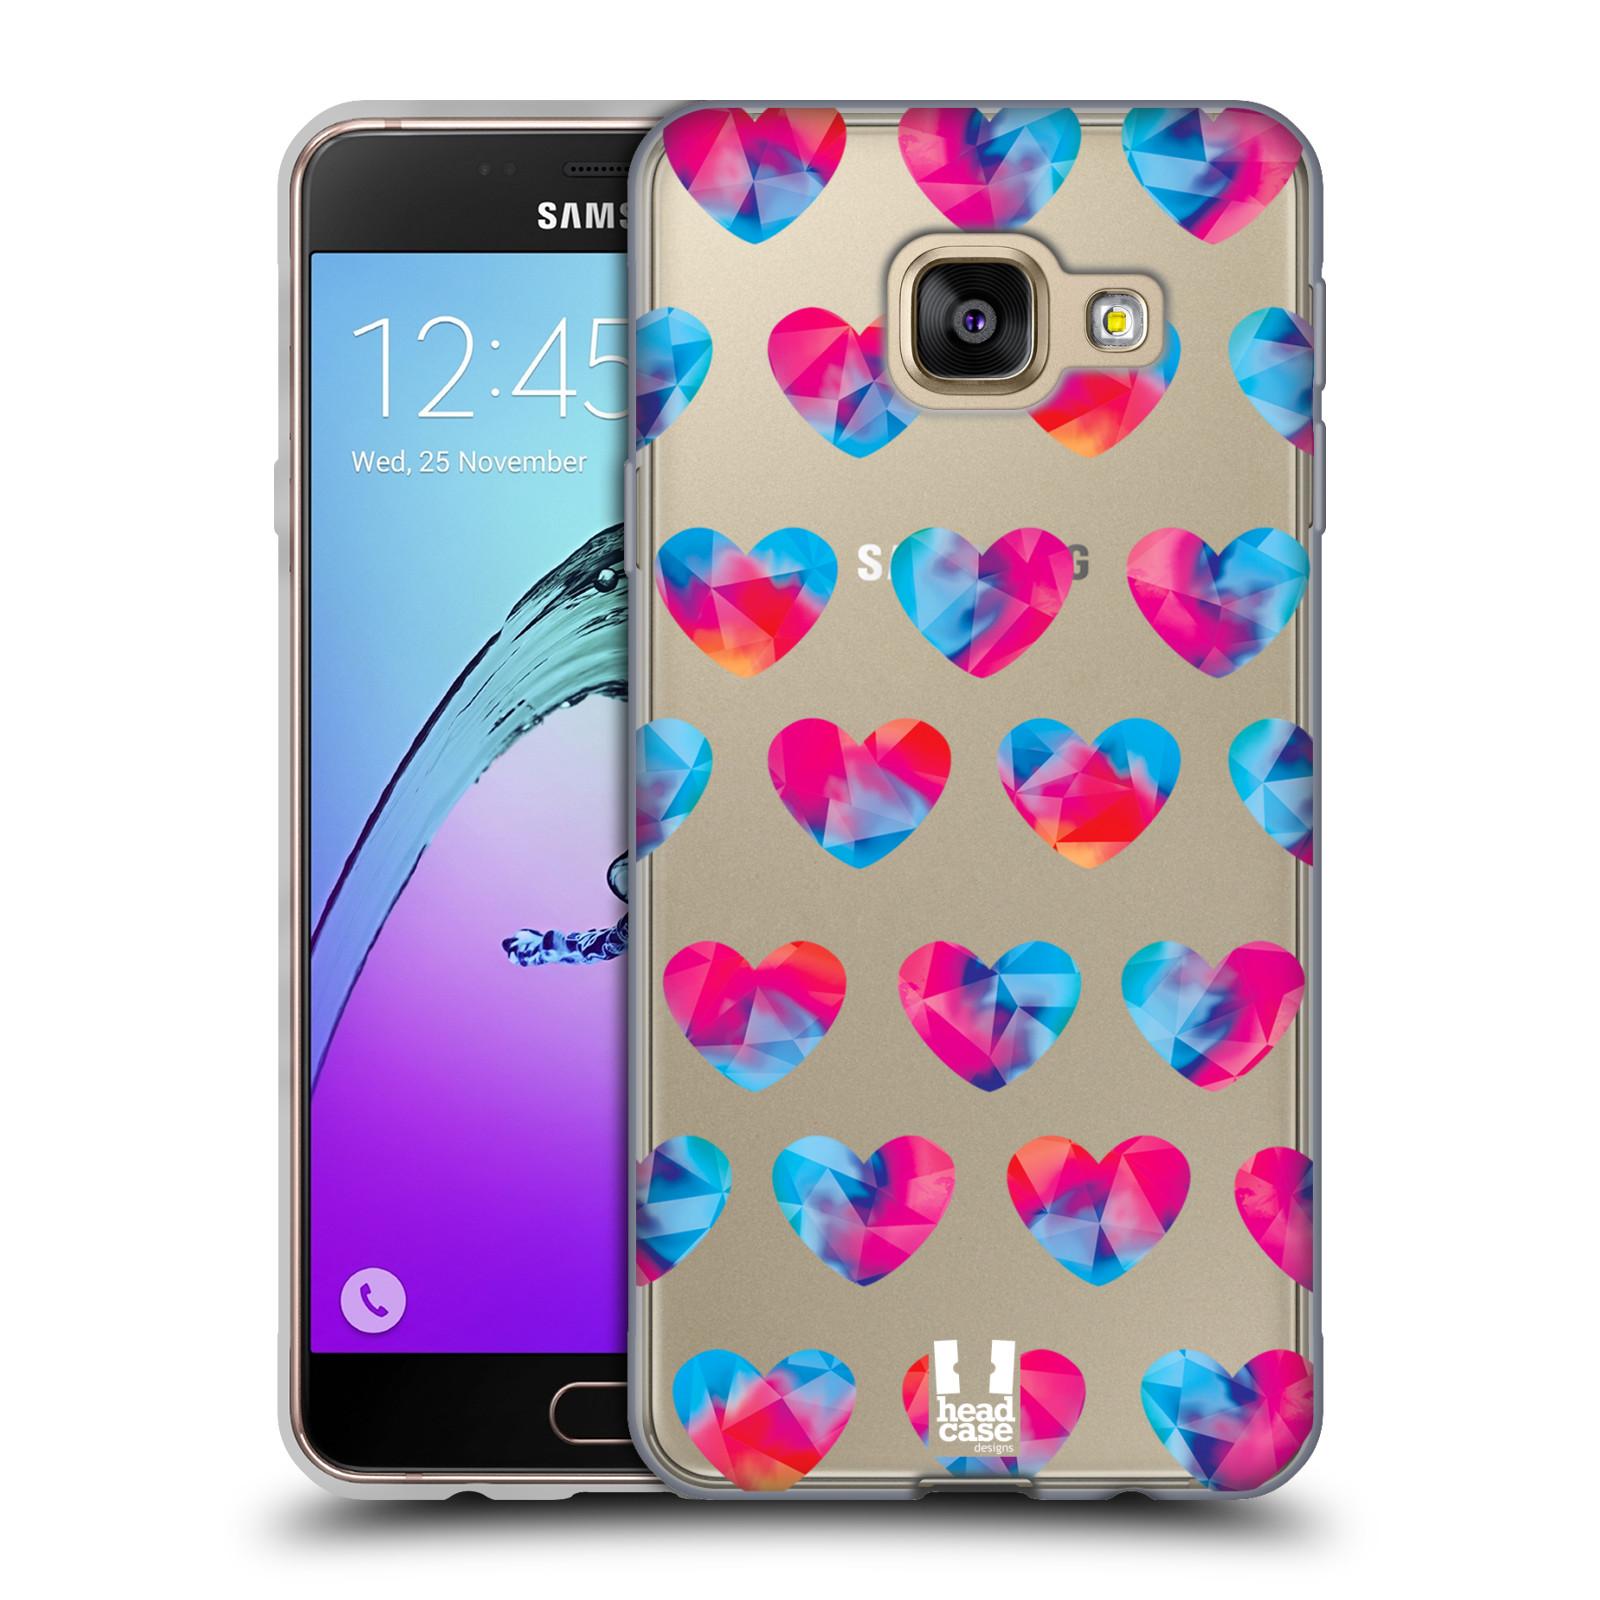 Silikonové pouzdro na mobil Samsung Galaxy A3 (2016) - Head Case - Srdíčka hrající barvami